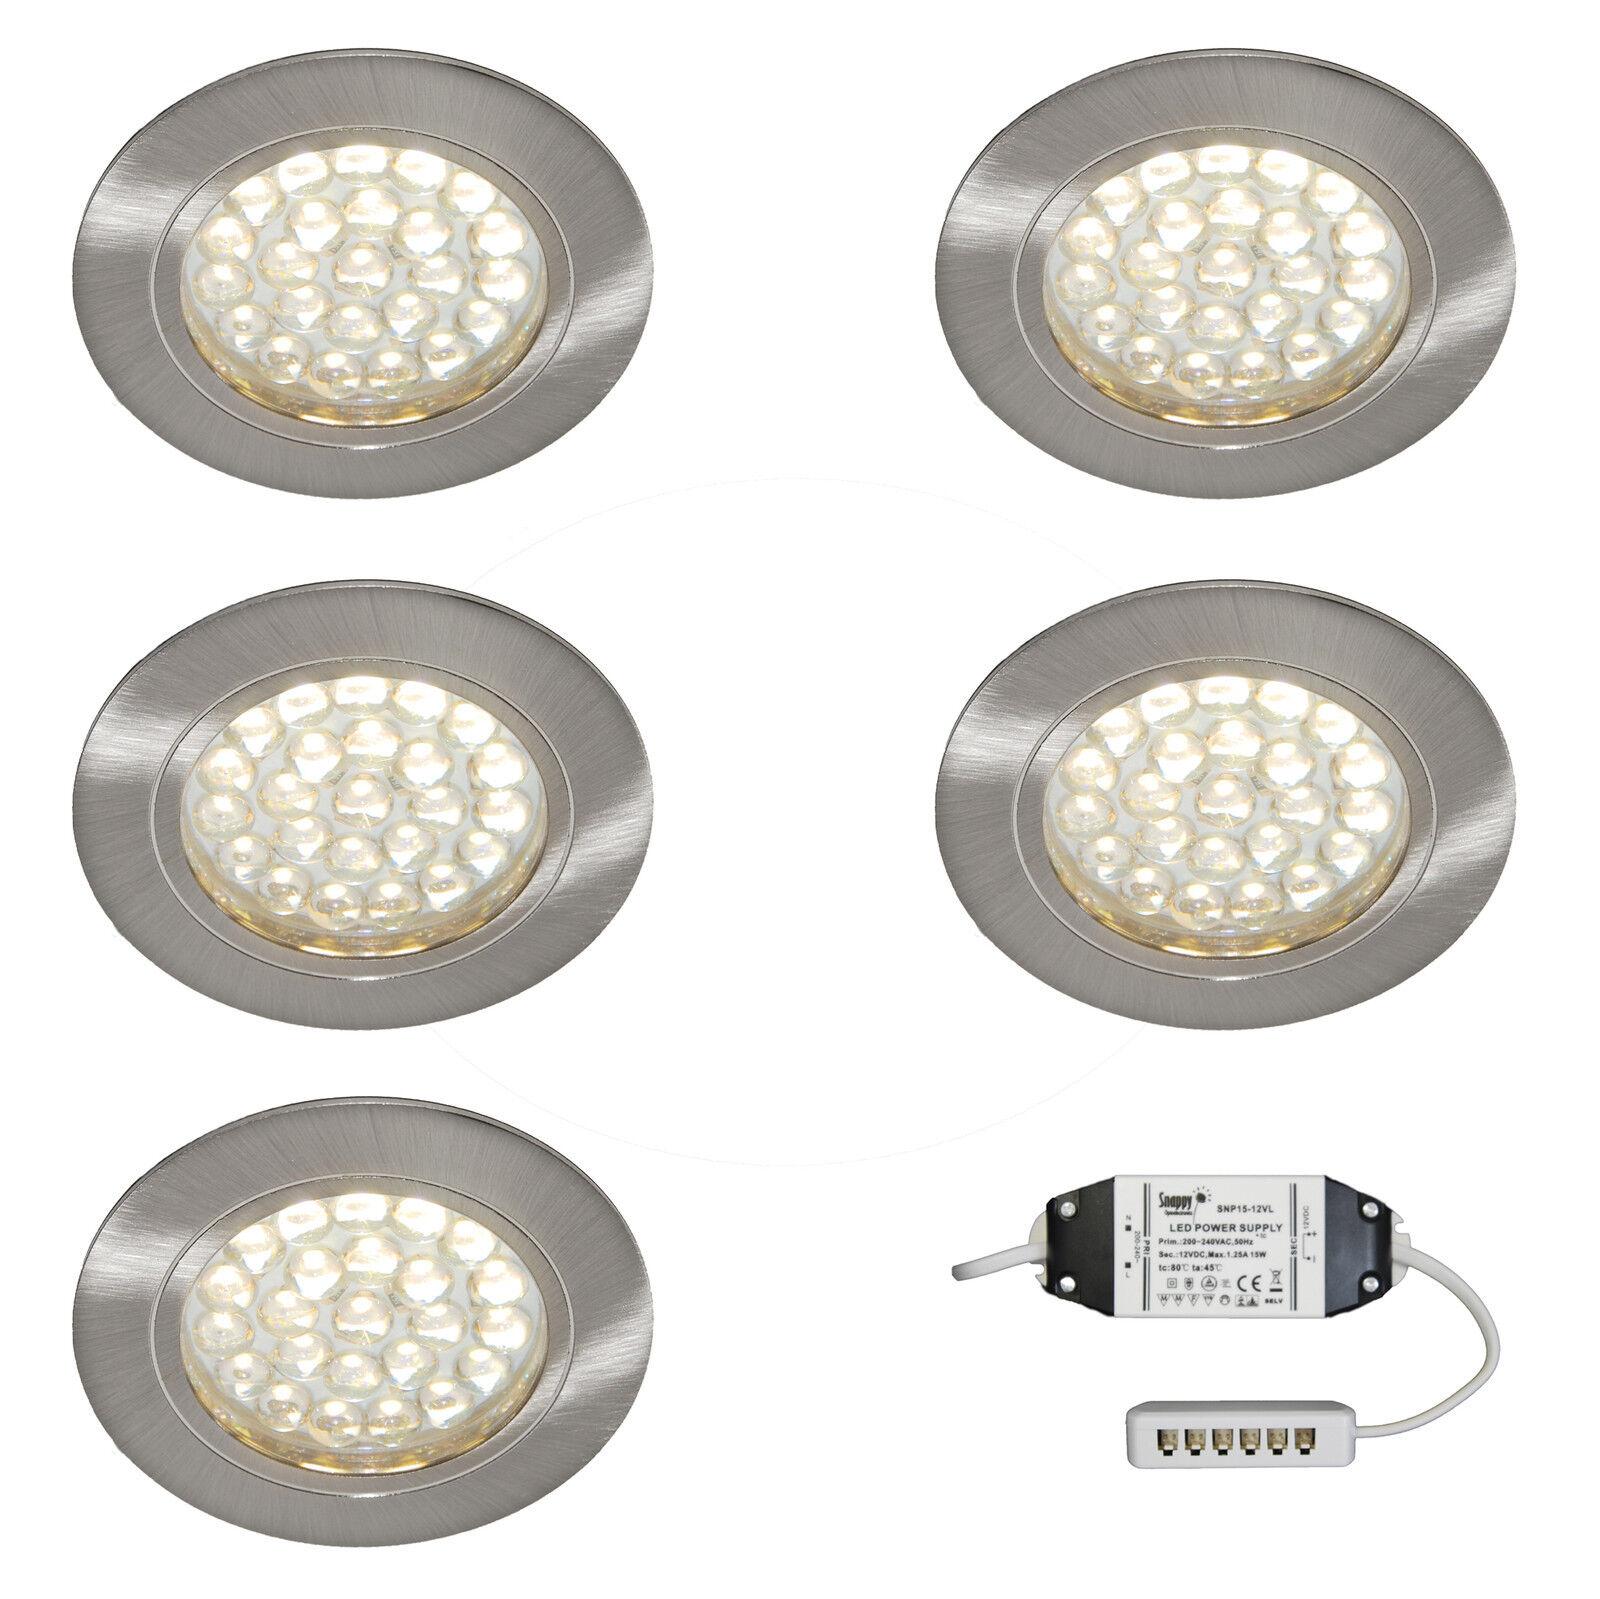 conveniente 5 x LED Ad Incasso Sotto Armadietto Armadio Da Da Da Cucina Scaffale KIT LUCE LED BIANCO CALDO  negozio outlet